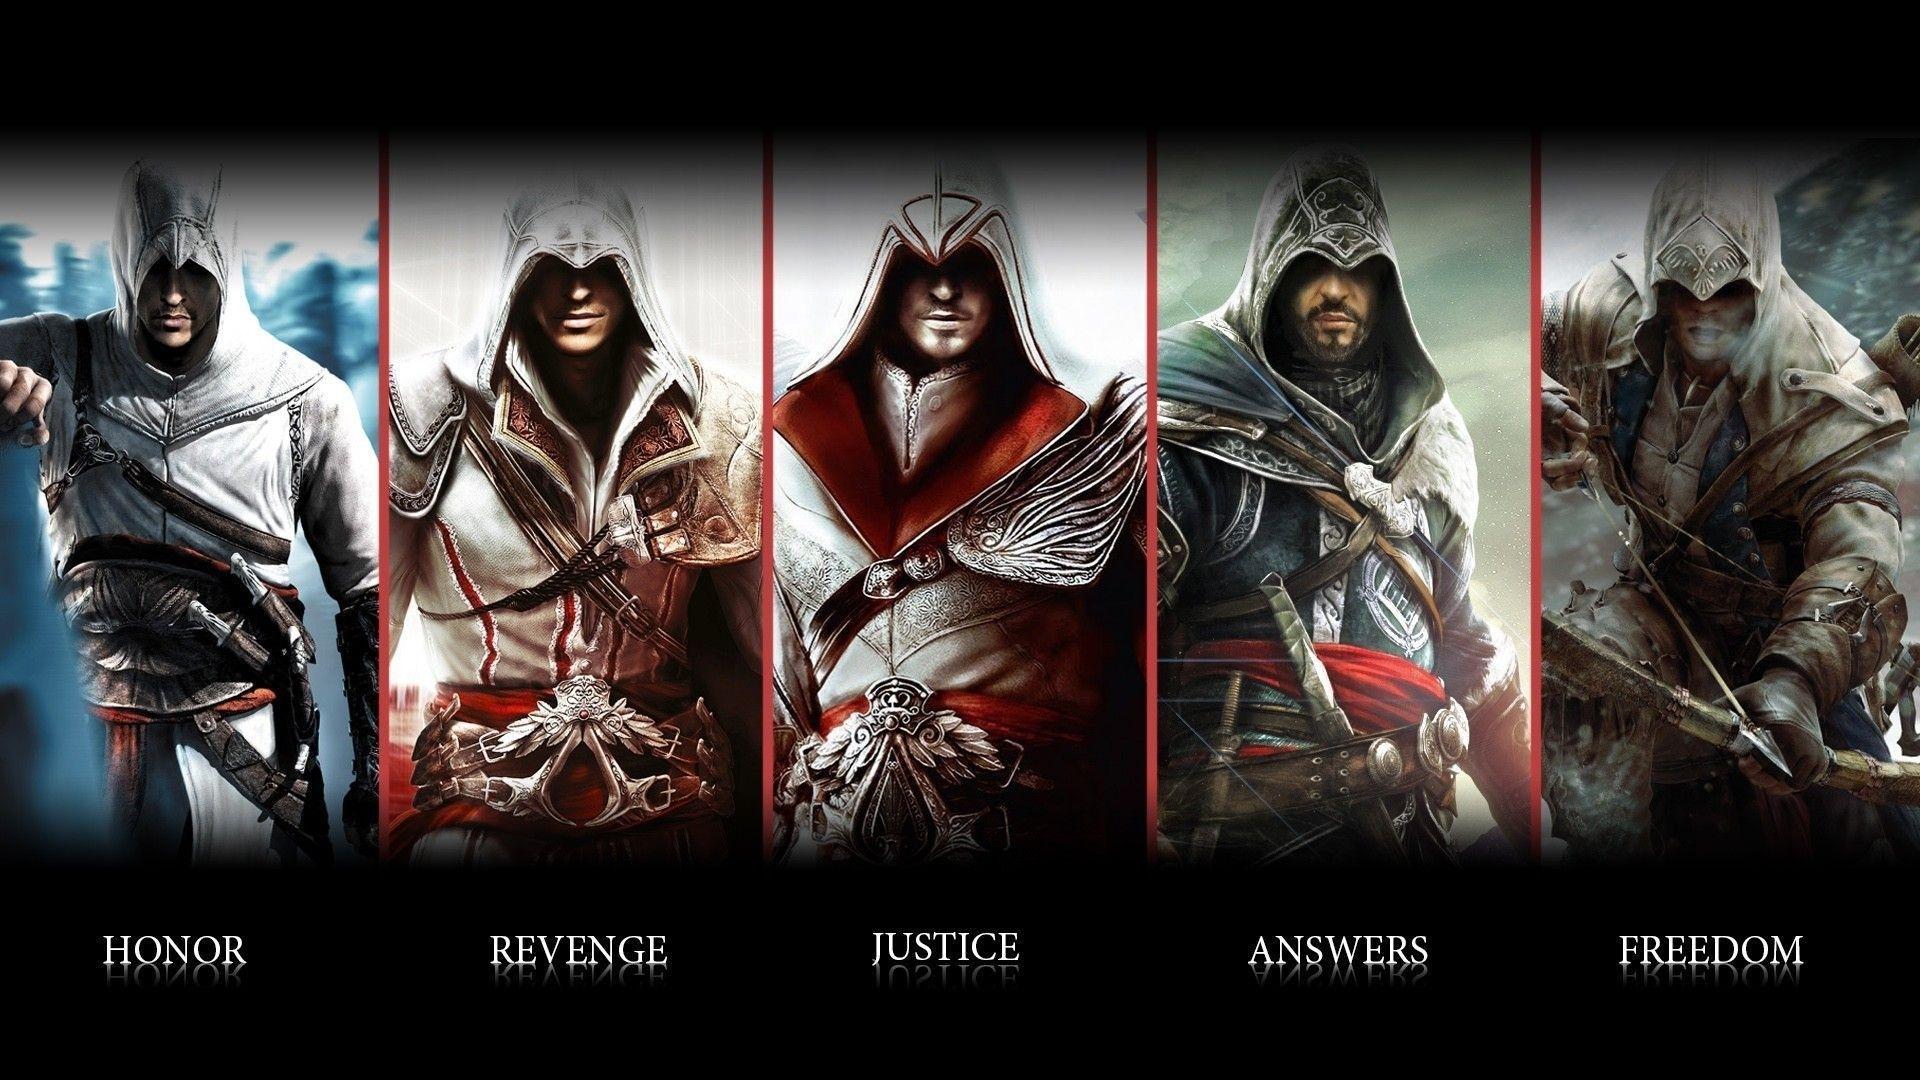 wallpaper assassins creed, ezio, connor, altair, ubisoft, animus